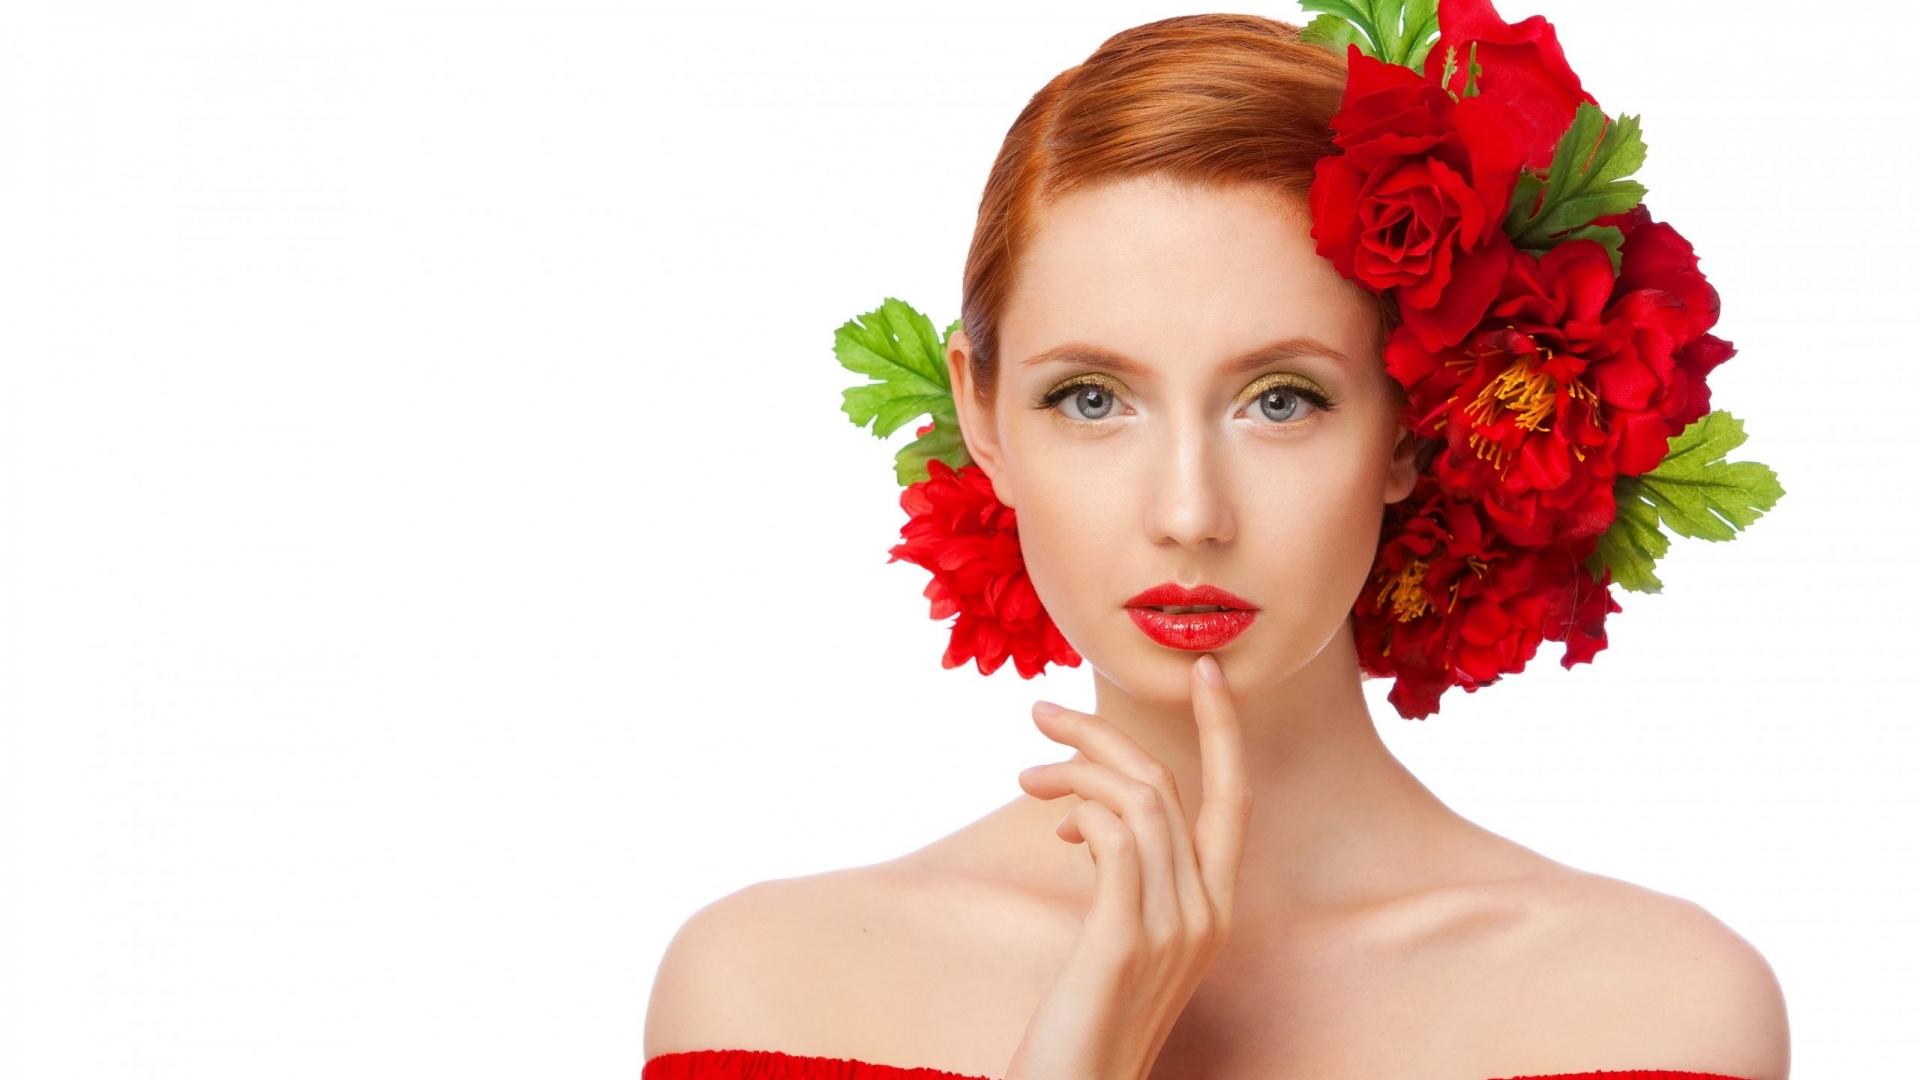 Peinado con rosas rojas - 1920x1080